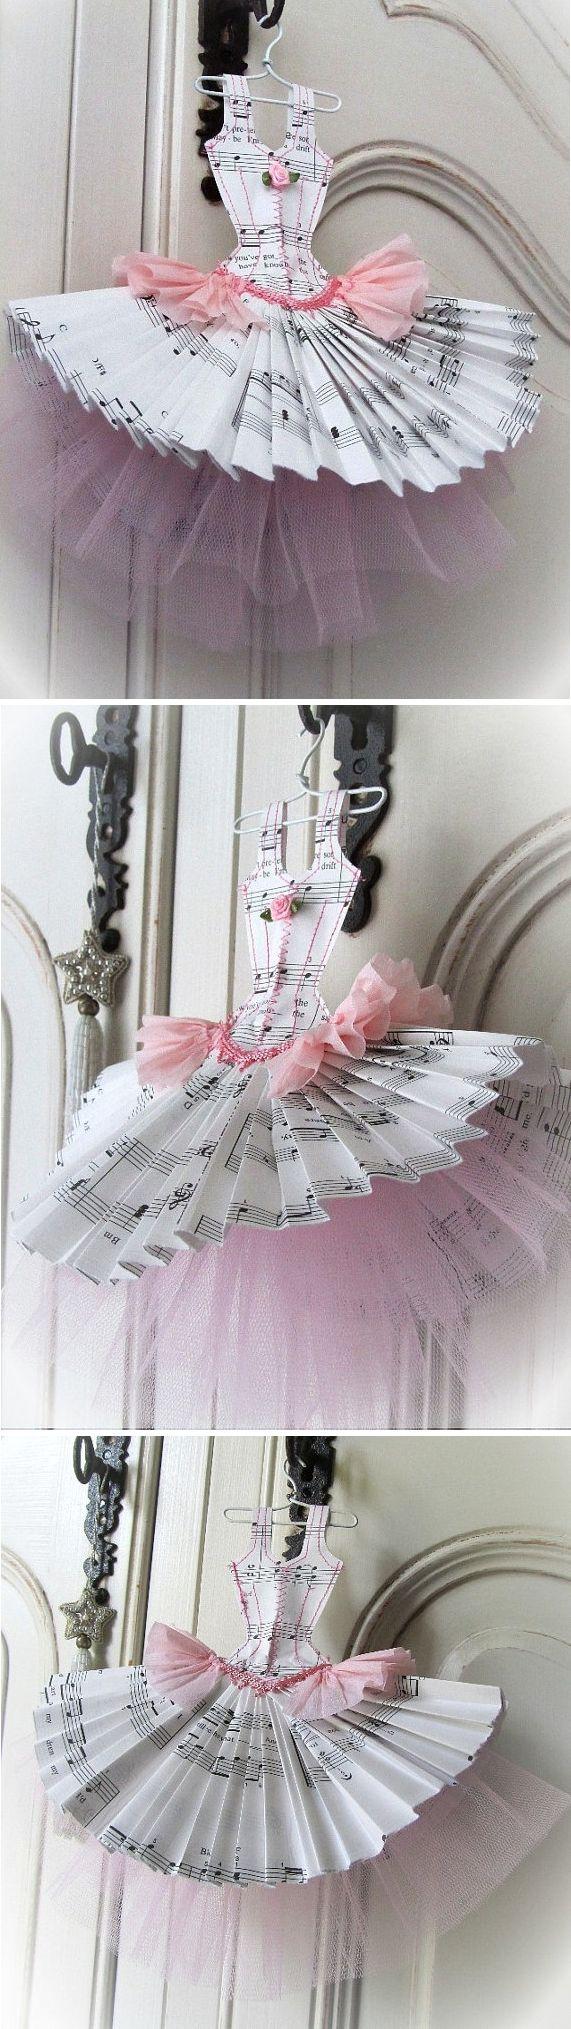 """Robe faite à partir de papier """"musique"""", de papier crépon et de tulle. Elle est cousue avec du fil de coton rose et est garnie d'un galon et d'une fleur. Elle mesure 23 cm de hauteur x 27 cm de largeur et est livrée avec son petit cintre blanc."""